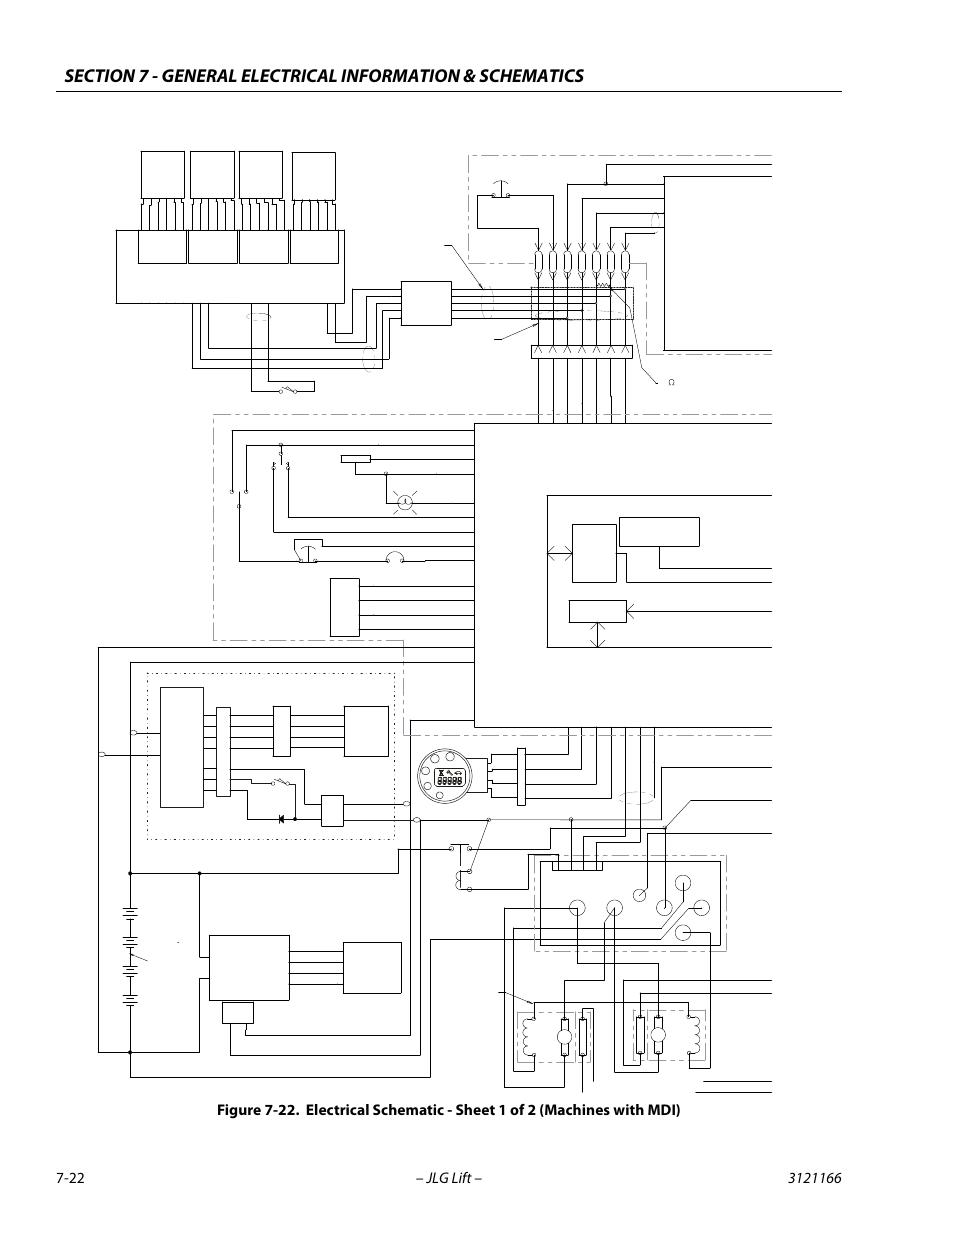 jlg 3246es wiring diagram | wiring diagram on toyota wiring schematics,  toro wiring schematics,